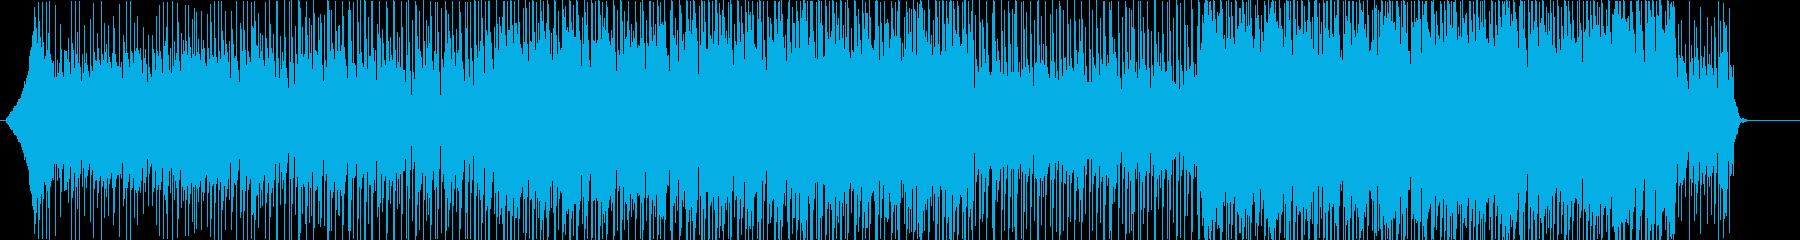 企業VP・希望・エレクトロ・四つ打ちの再生済みの波形